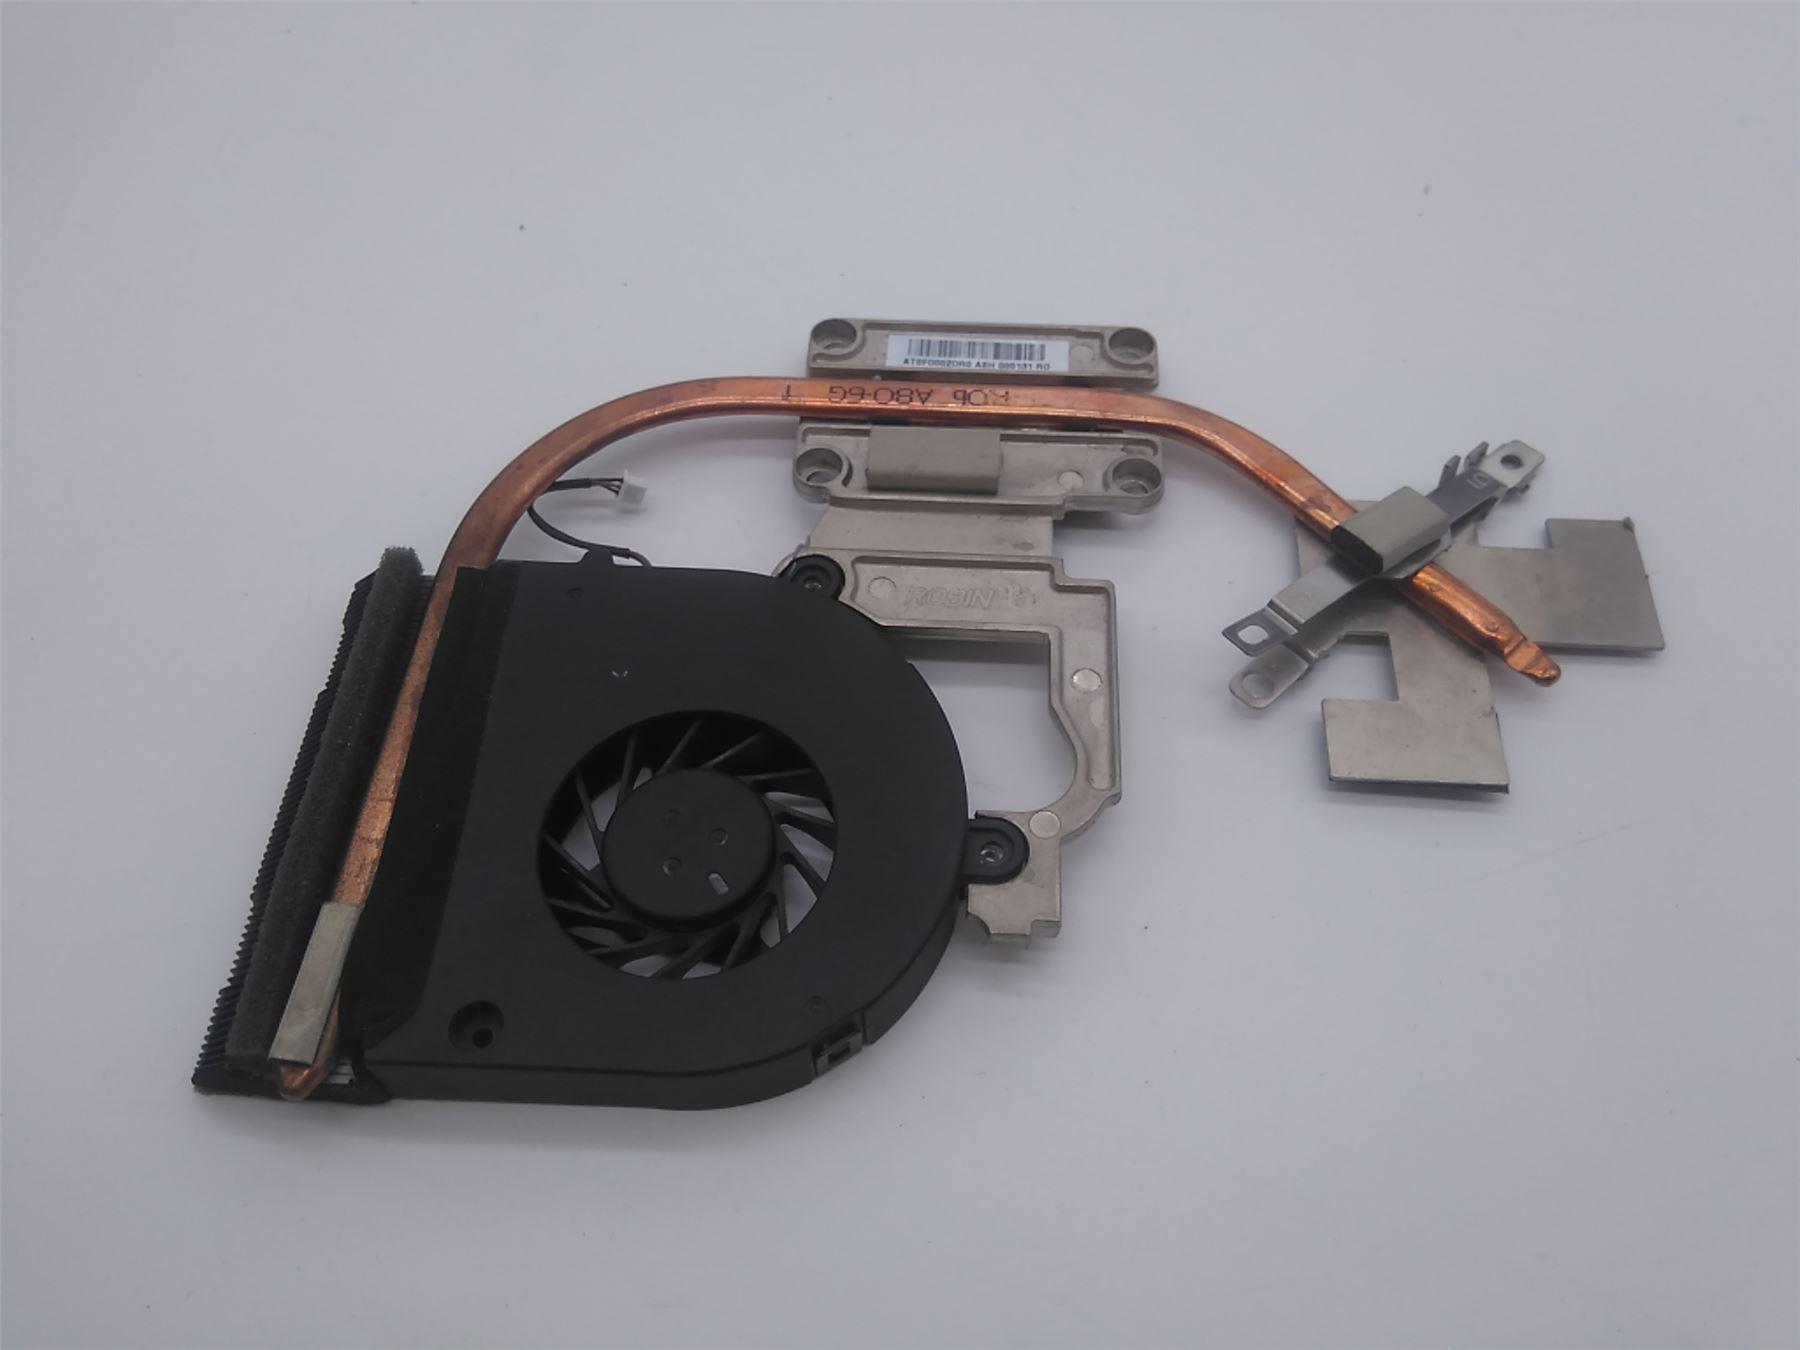 Ventilator laptop  radiator Acer Aspire 5551 5741 5742 5742G  AT0fo002DR0  KSB06105ha9K1N